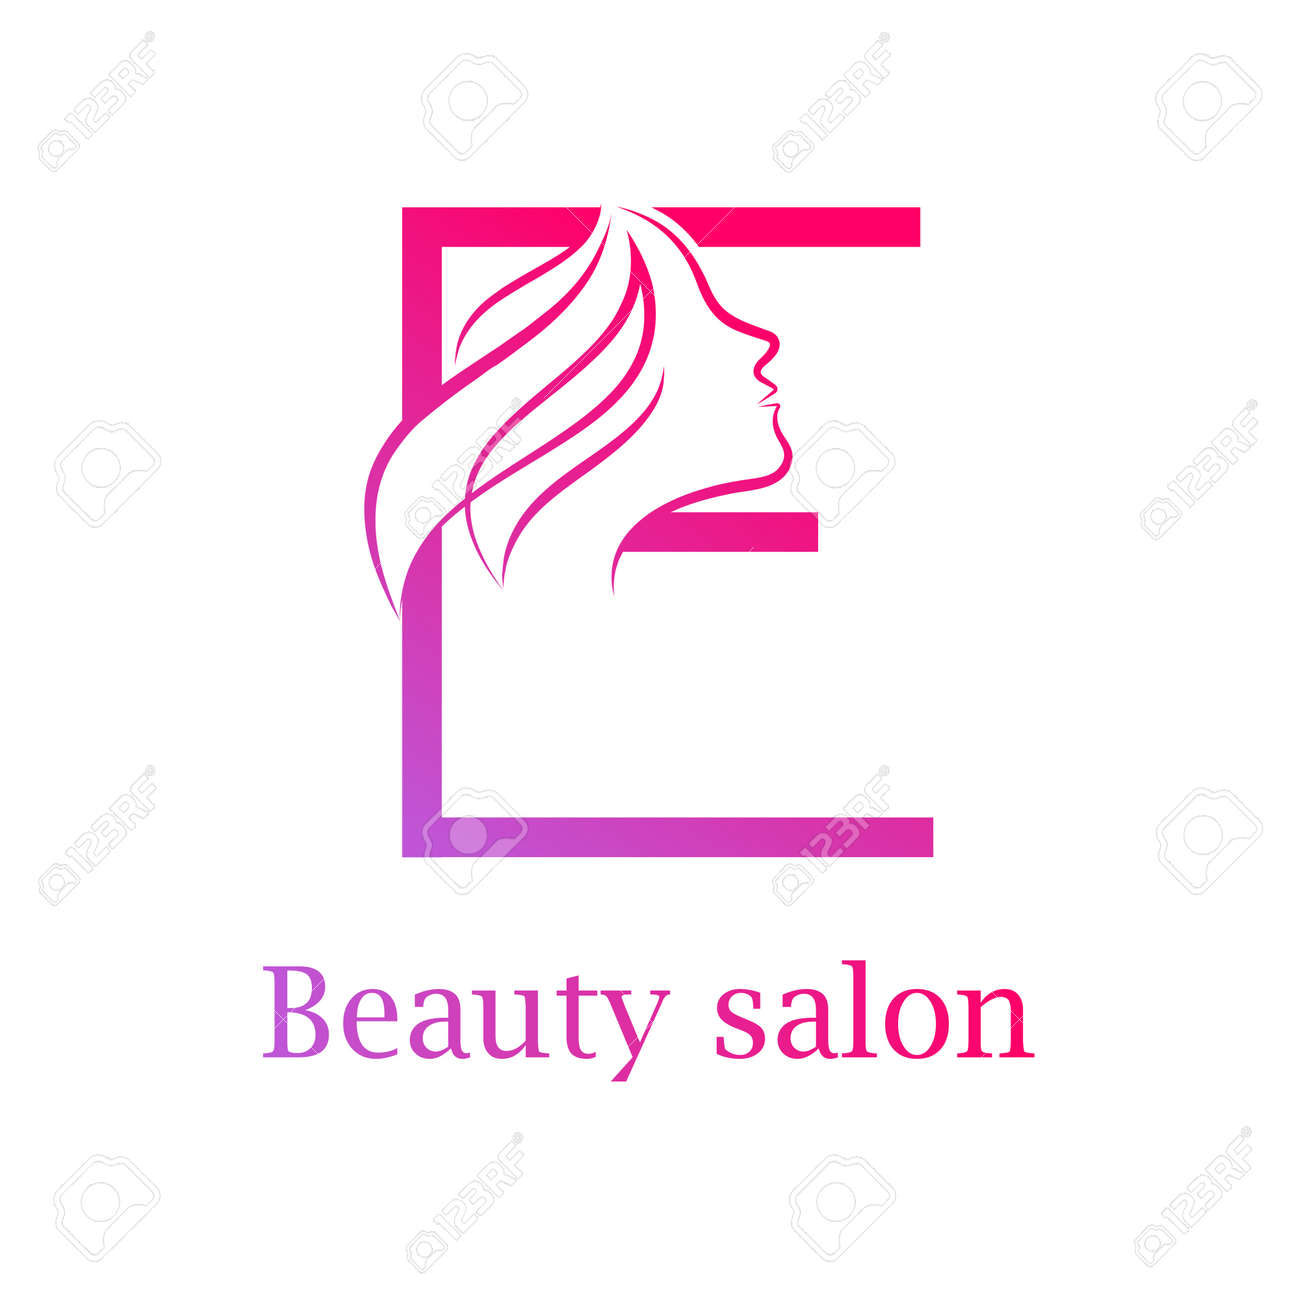 abstract letter e logobeauty salon logo design template stock vector 84733899